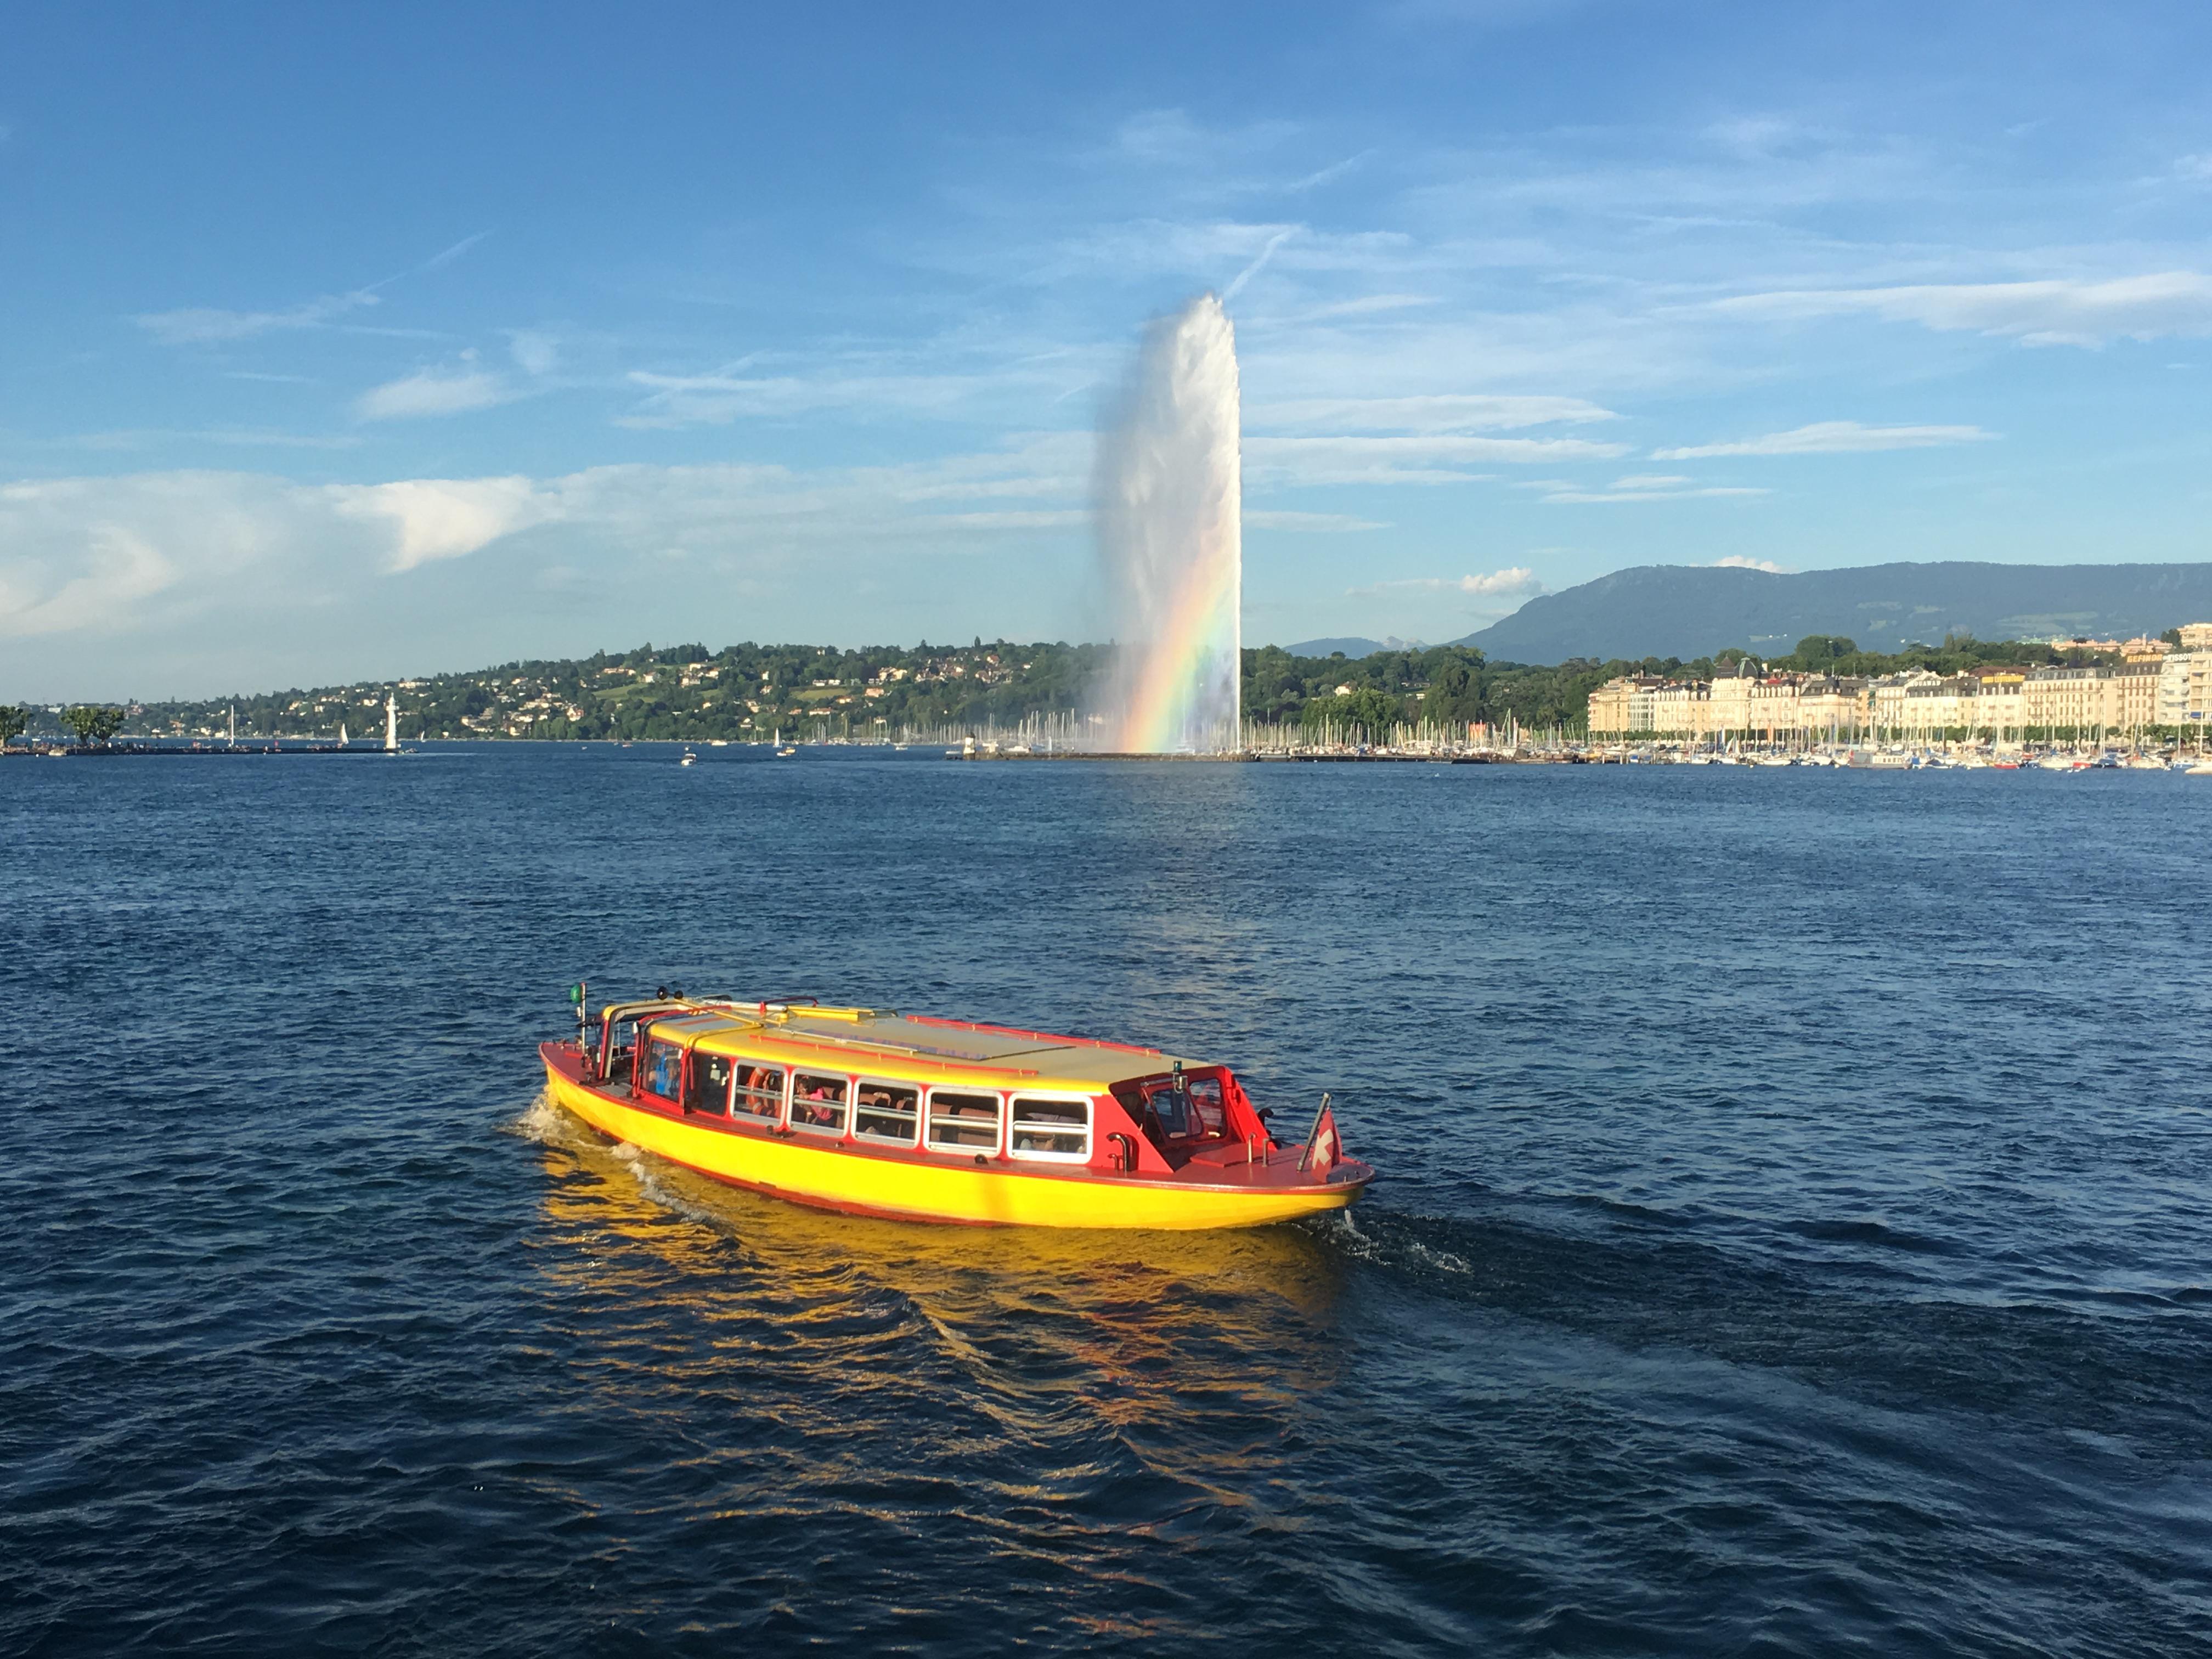 Jet d'eau - 10 best things to do in Geneva